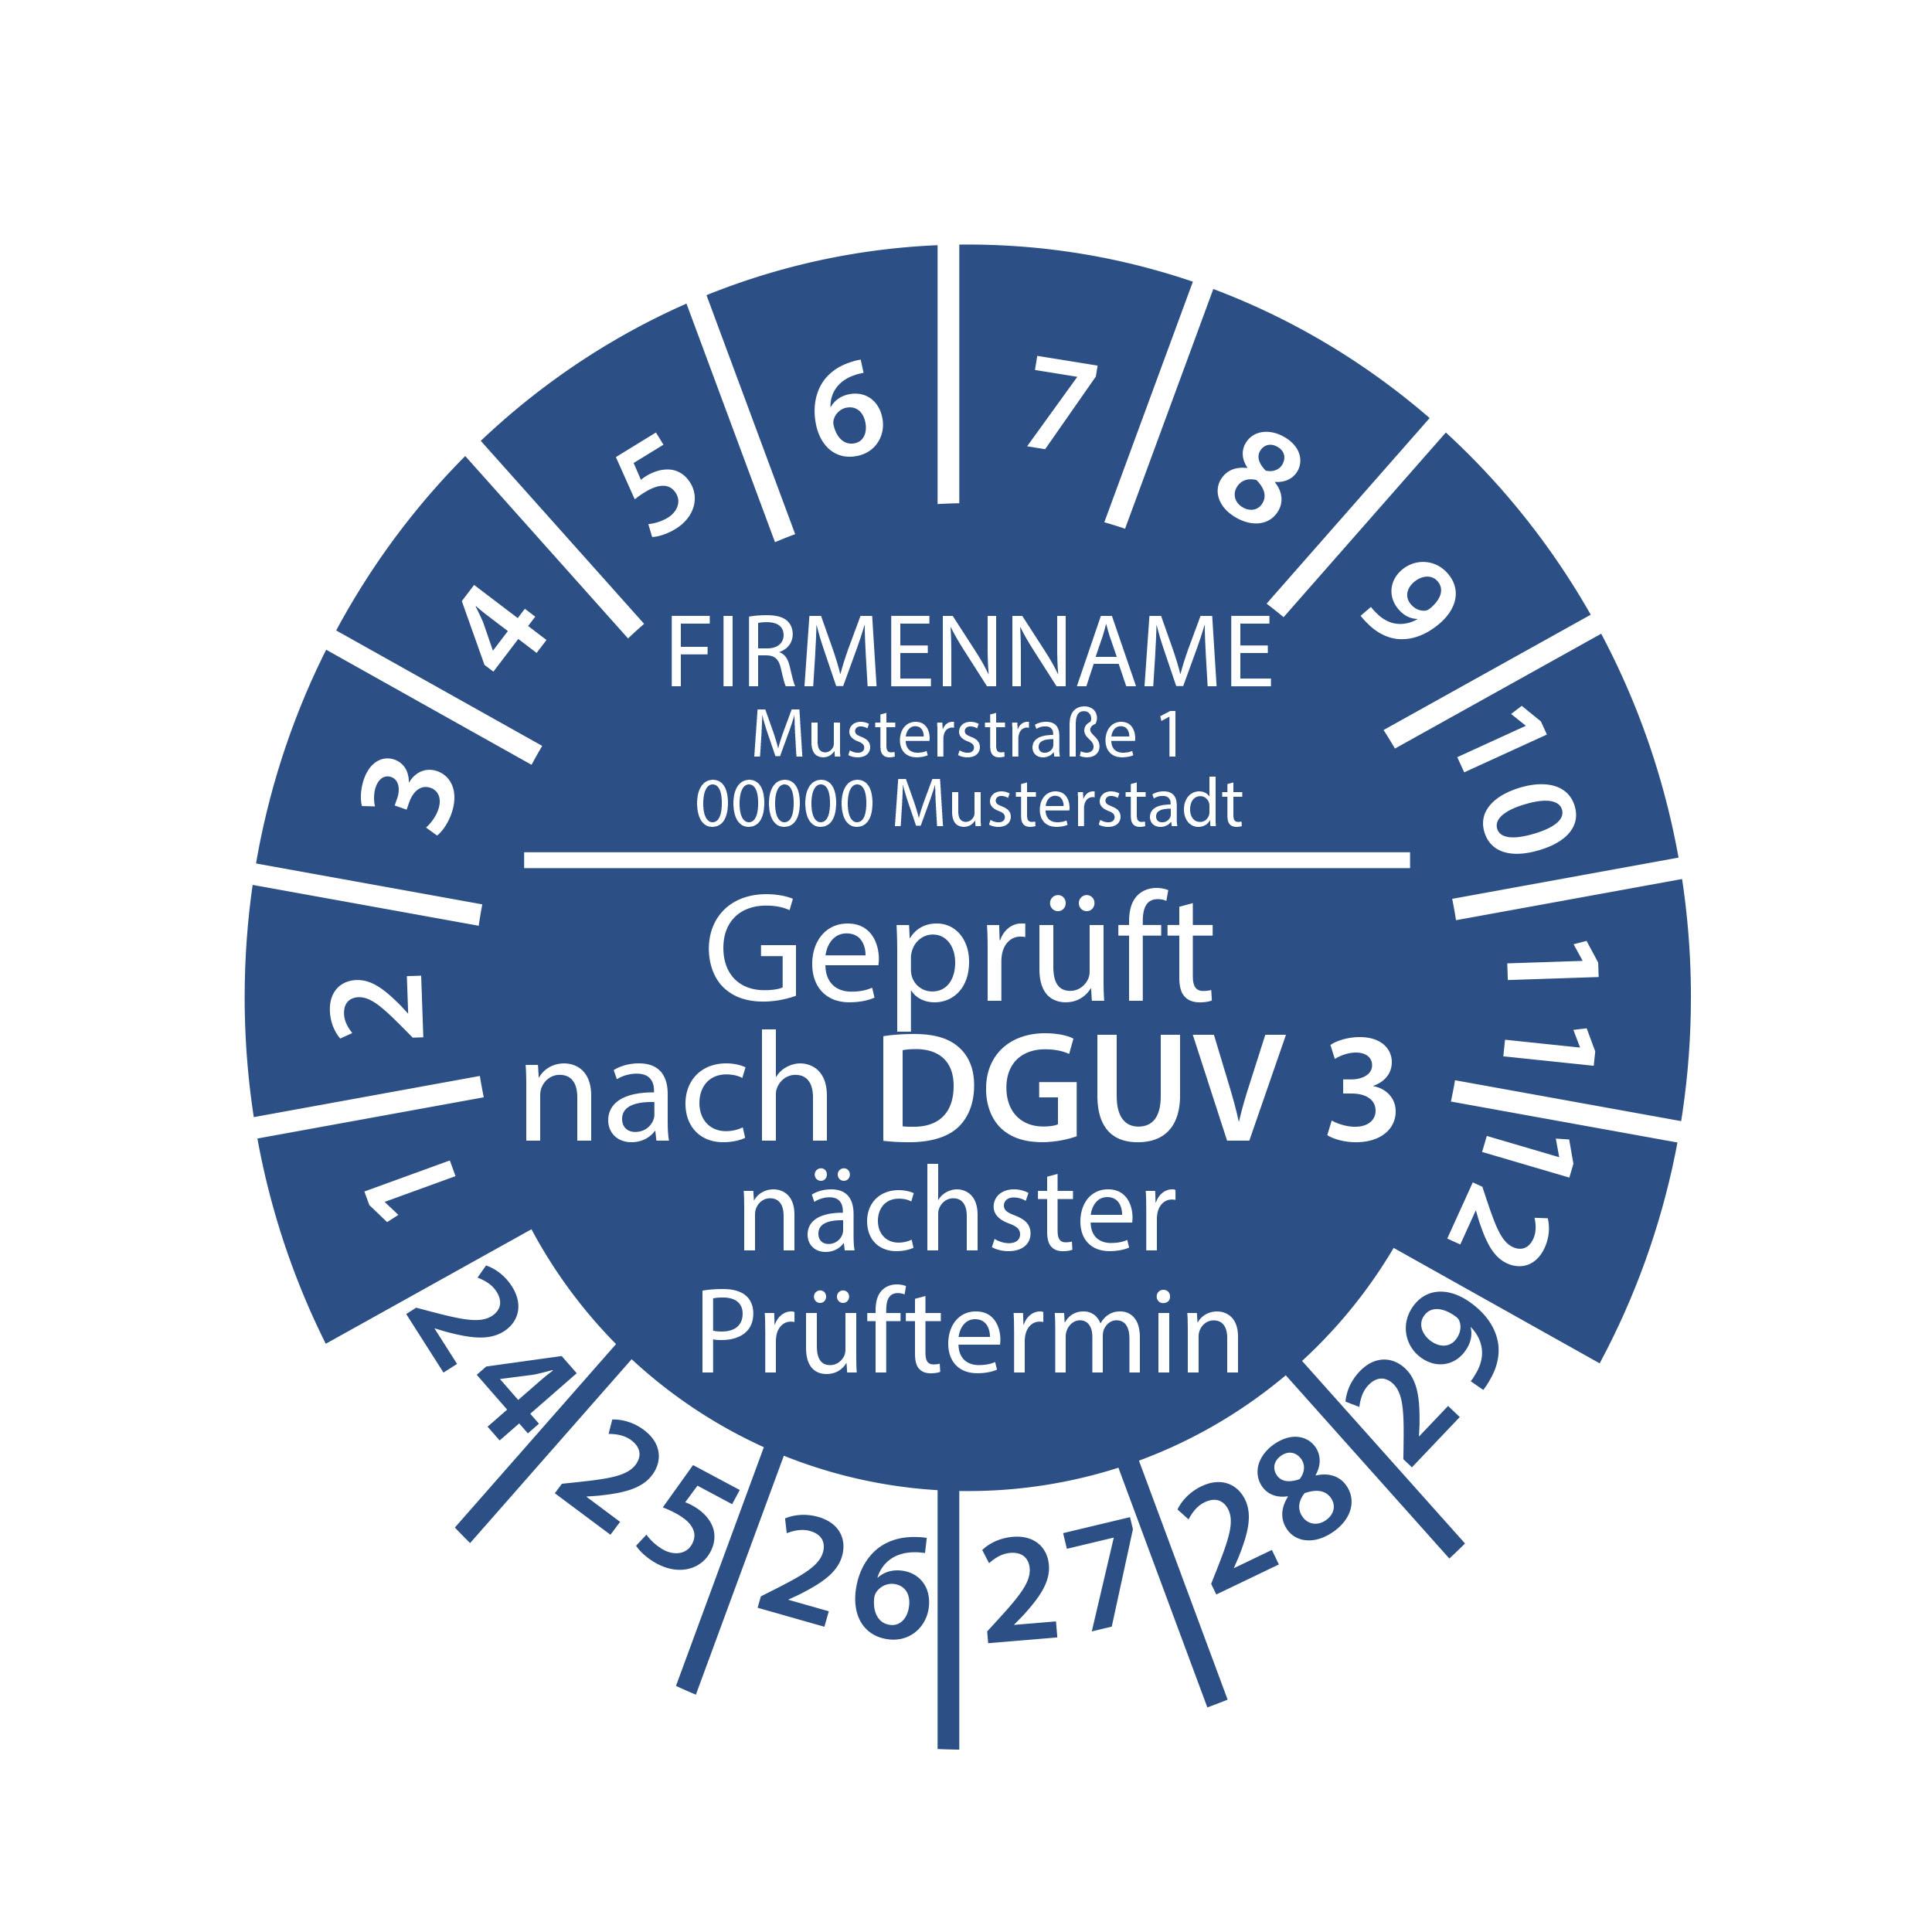 Prüfplakette mit Firmenname - geprüft nach DGUV Vorschrift 3 nächster Prüftermin 2024-2029 Ø 30mm Rund Gelb / Blau